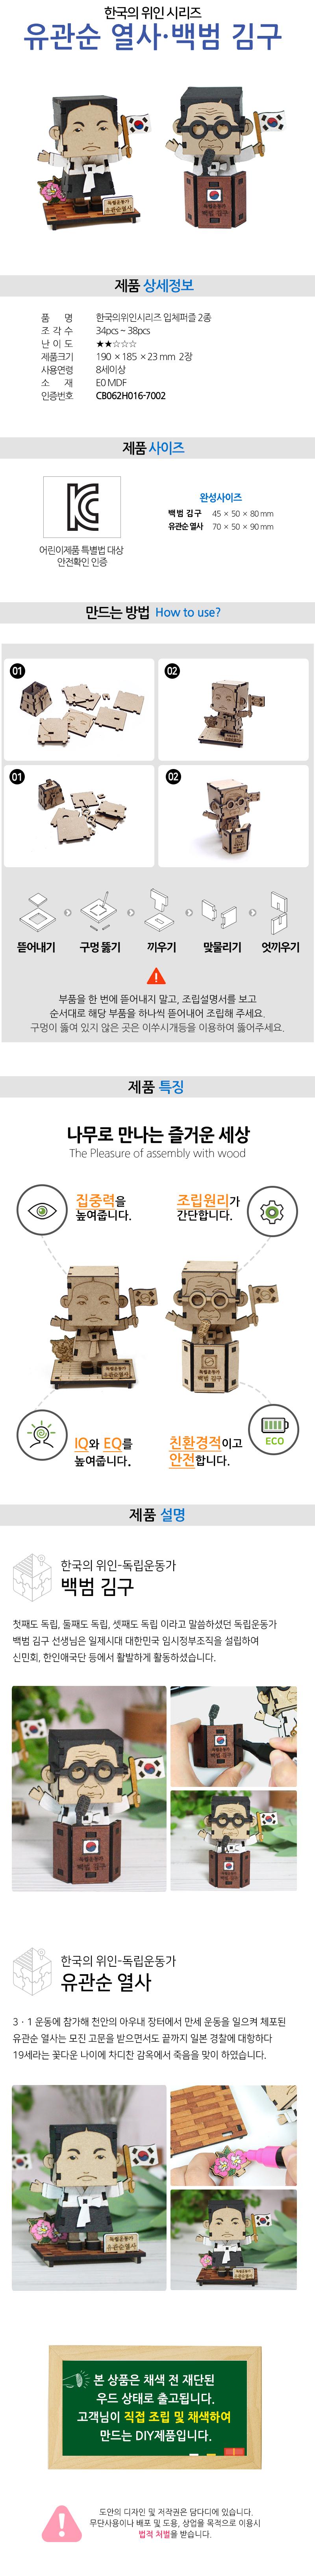 한국의 위인 시리즈 유관순 열사 백범 김구 만들기 입체퍼즐 - 모또, 13,000원, 조각/퍼즐, 3D입체퍼즐